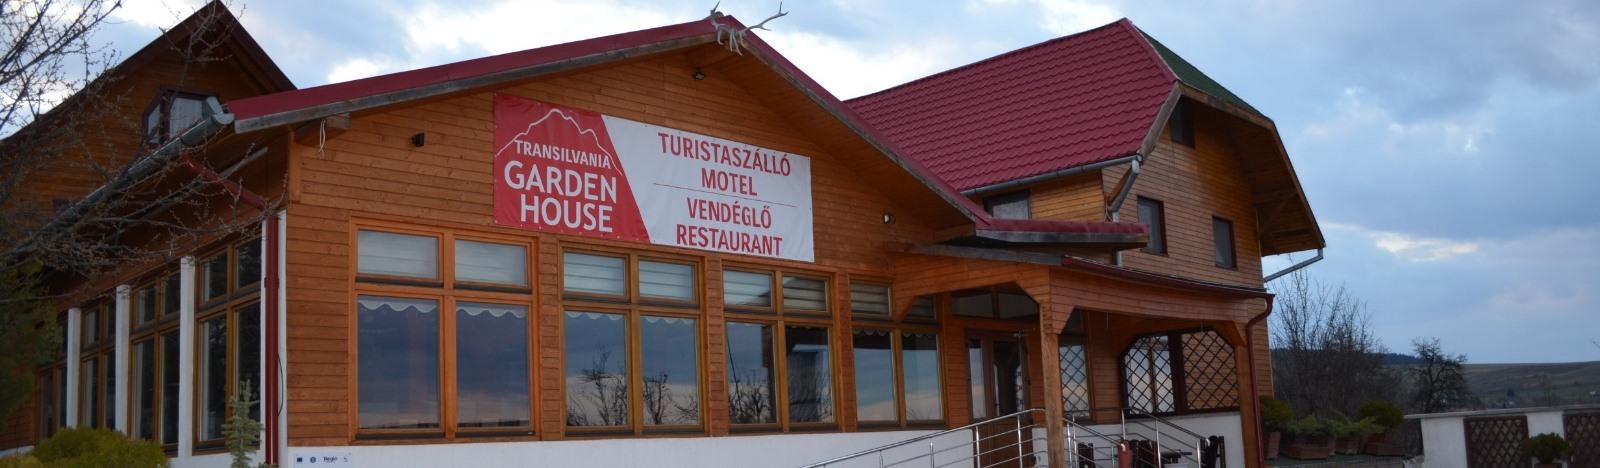 Transilvania Garden House